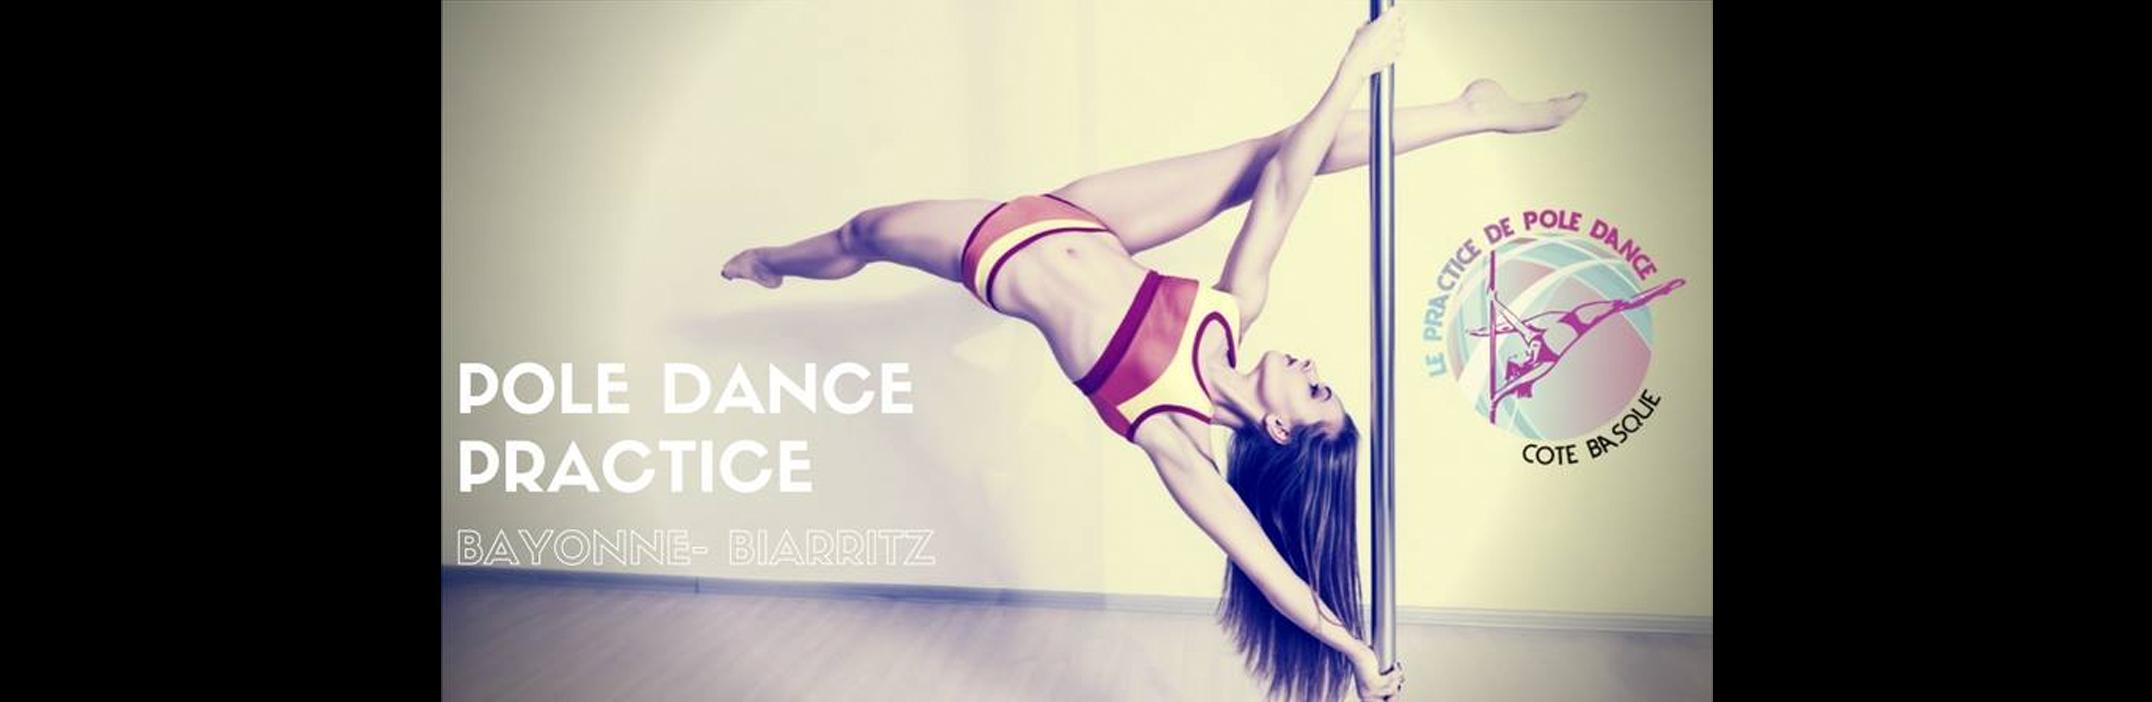 pole dance bayonne biarritz